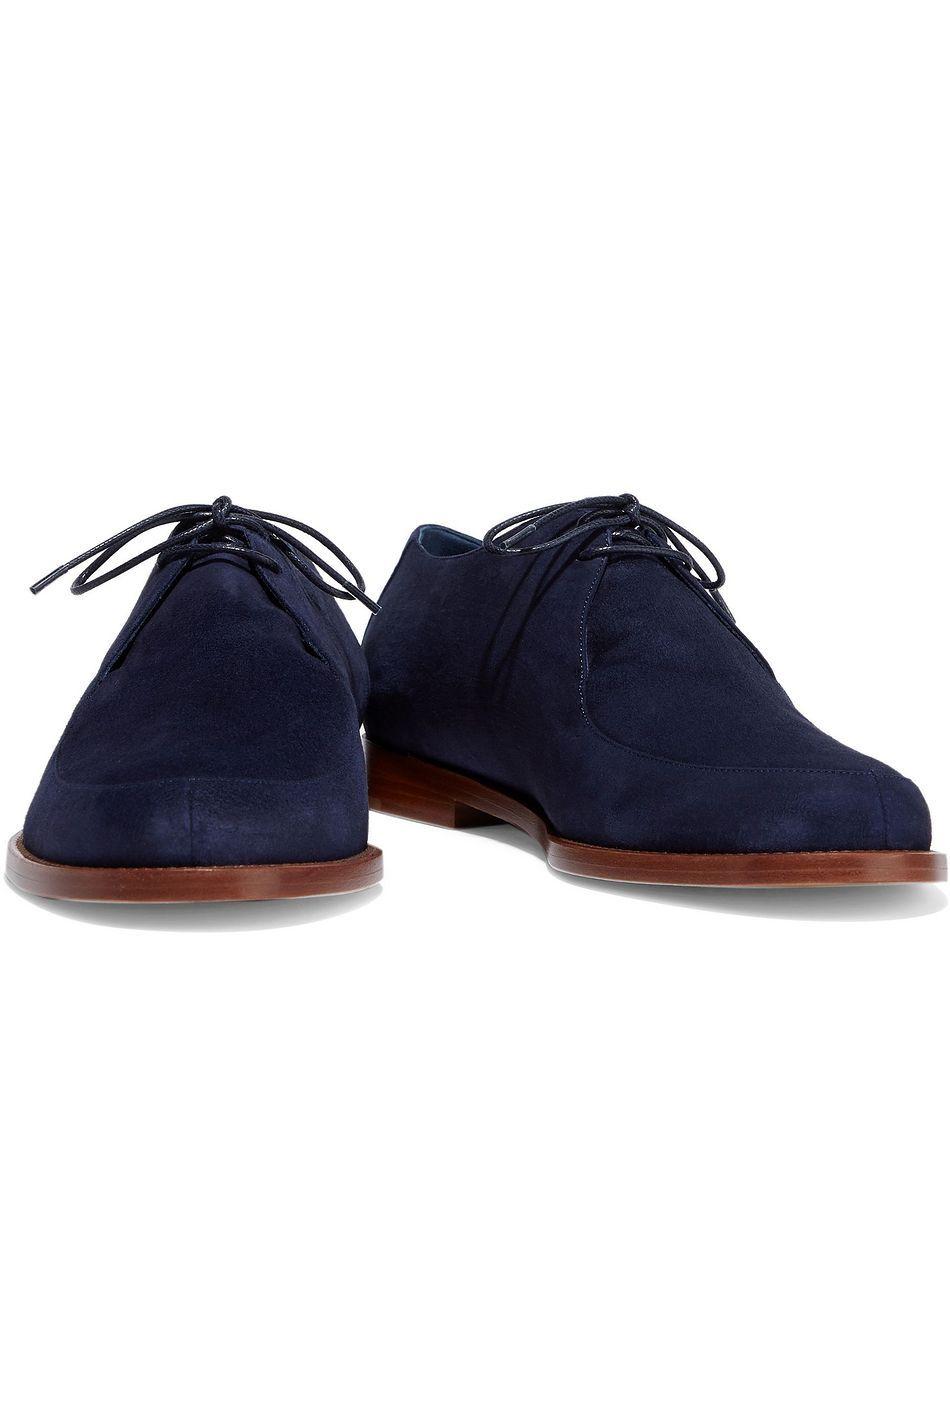 mansur gavriel shoes sale